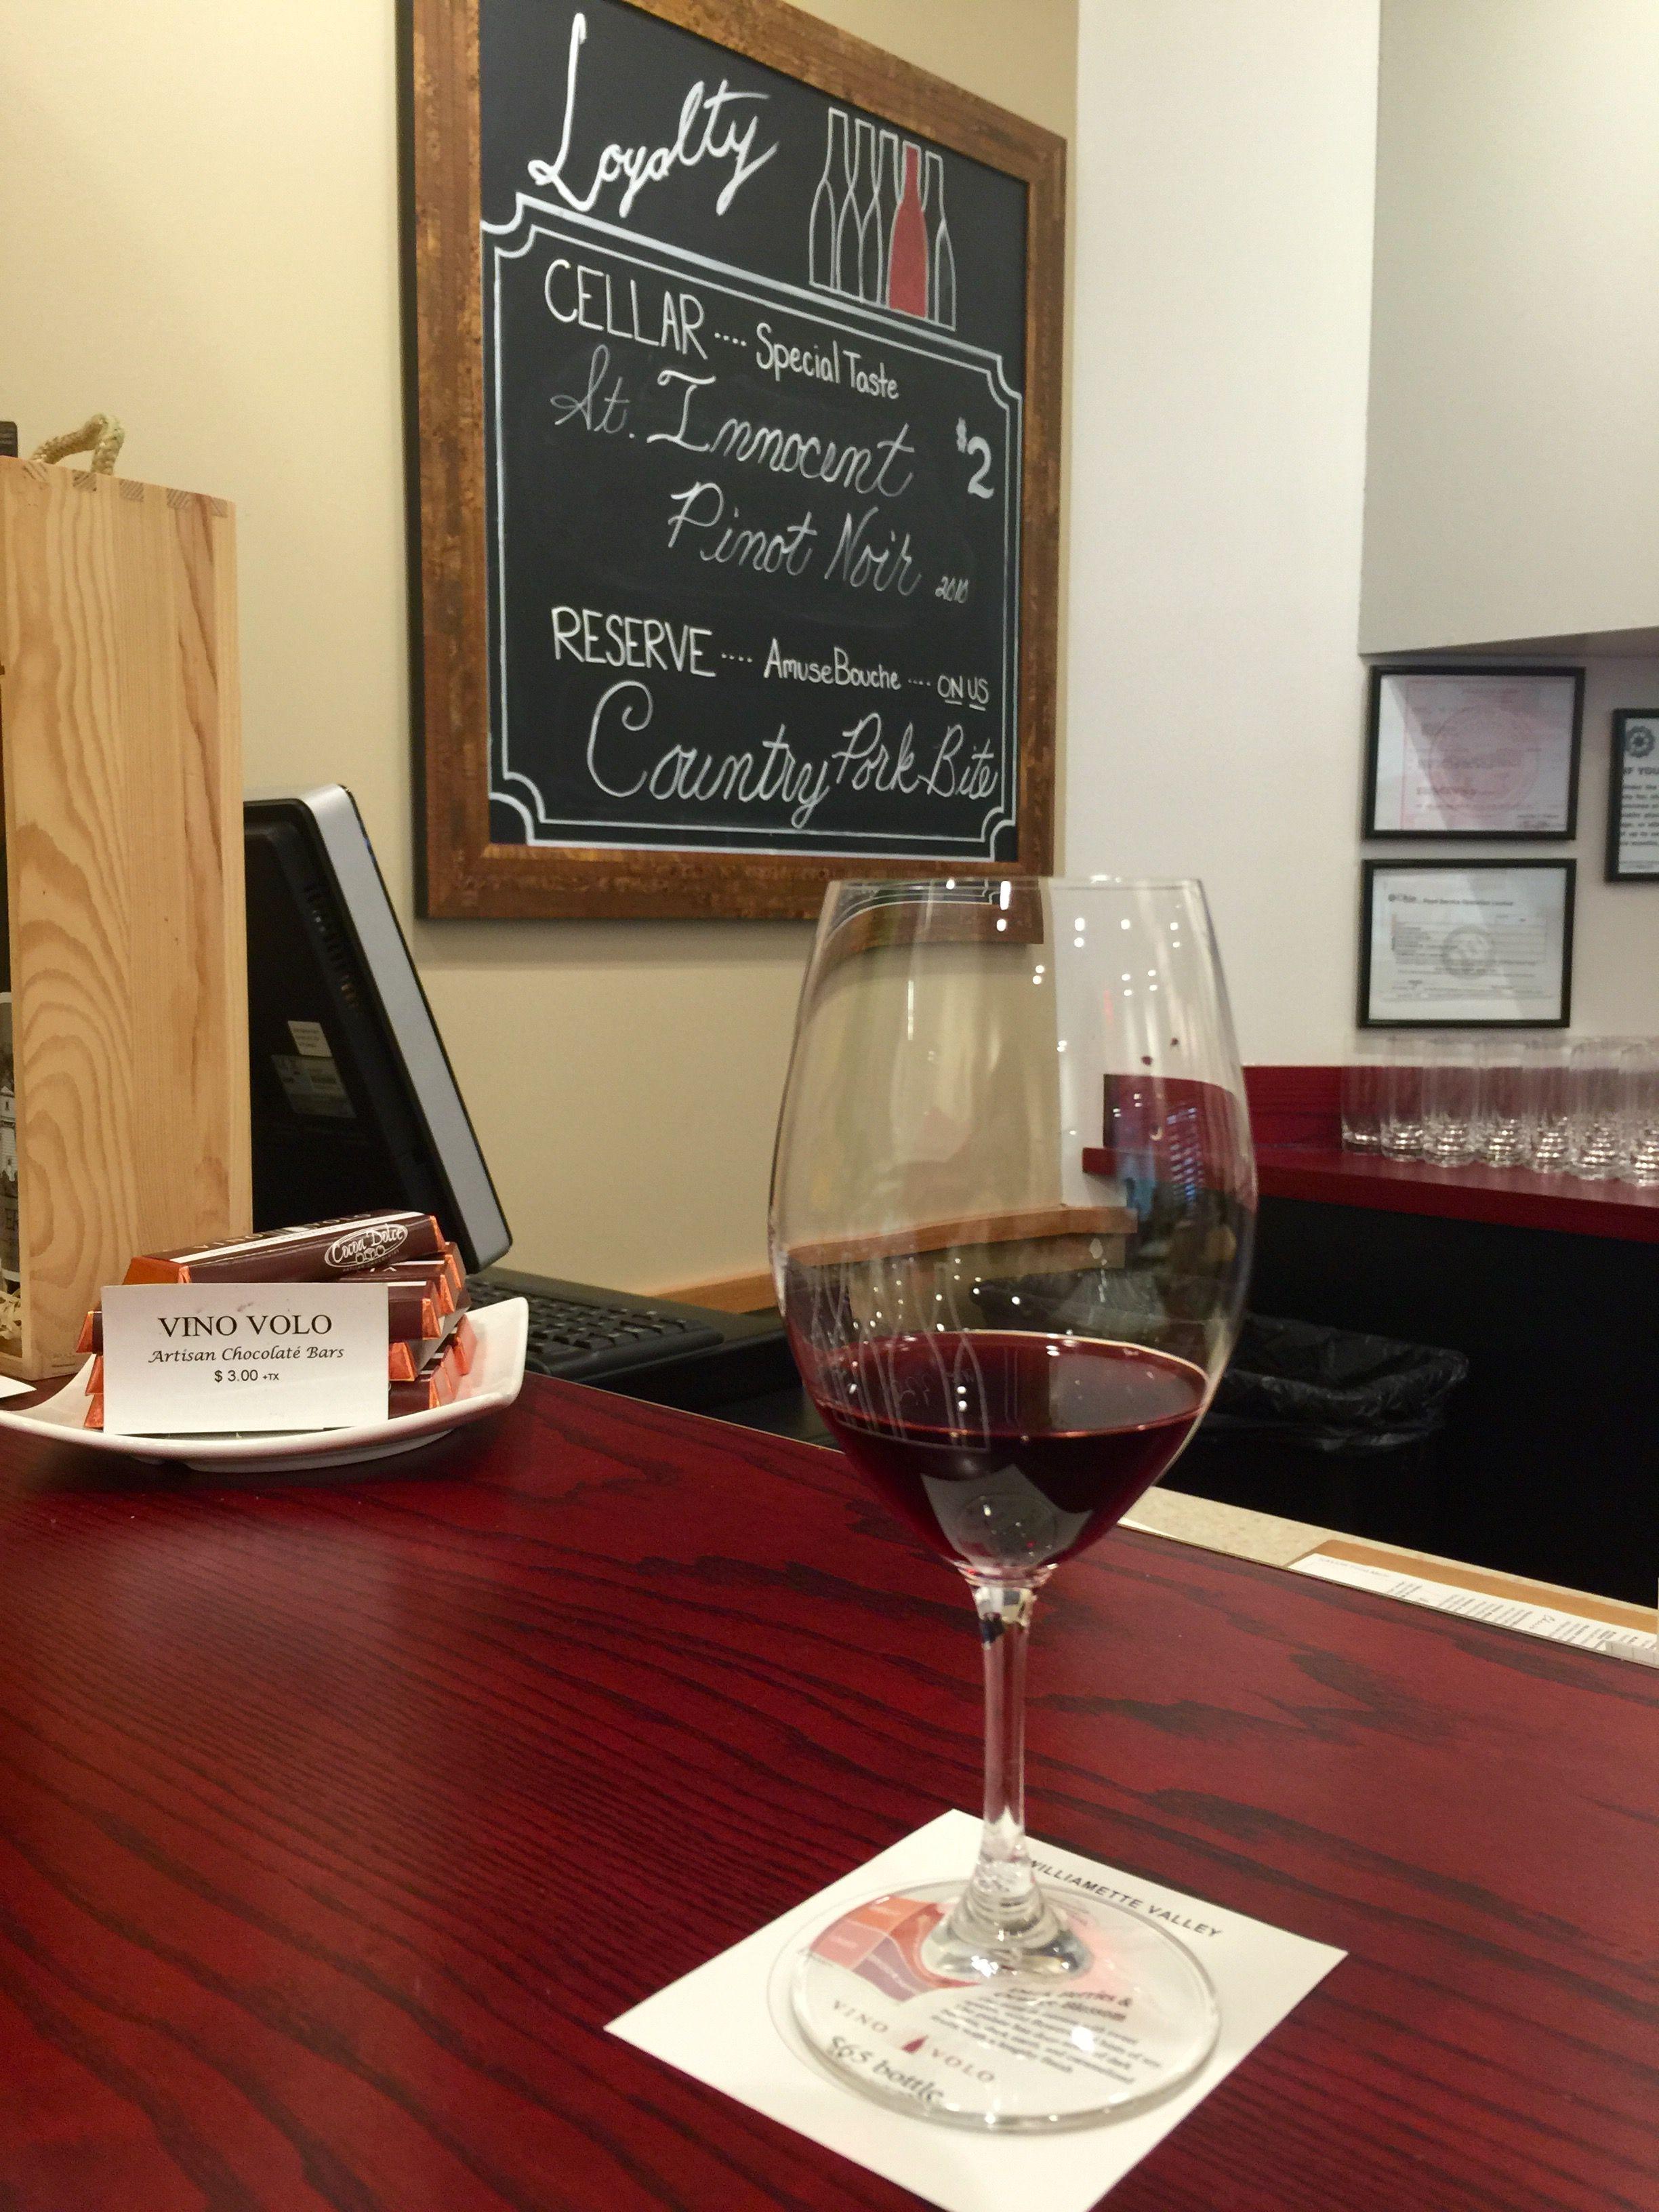 St Innocent Pinot Noir 2010 Pinot Pinot Noir Noir